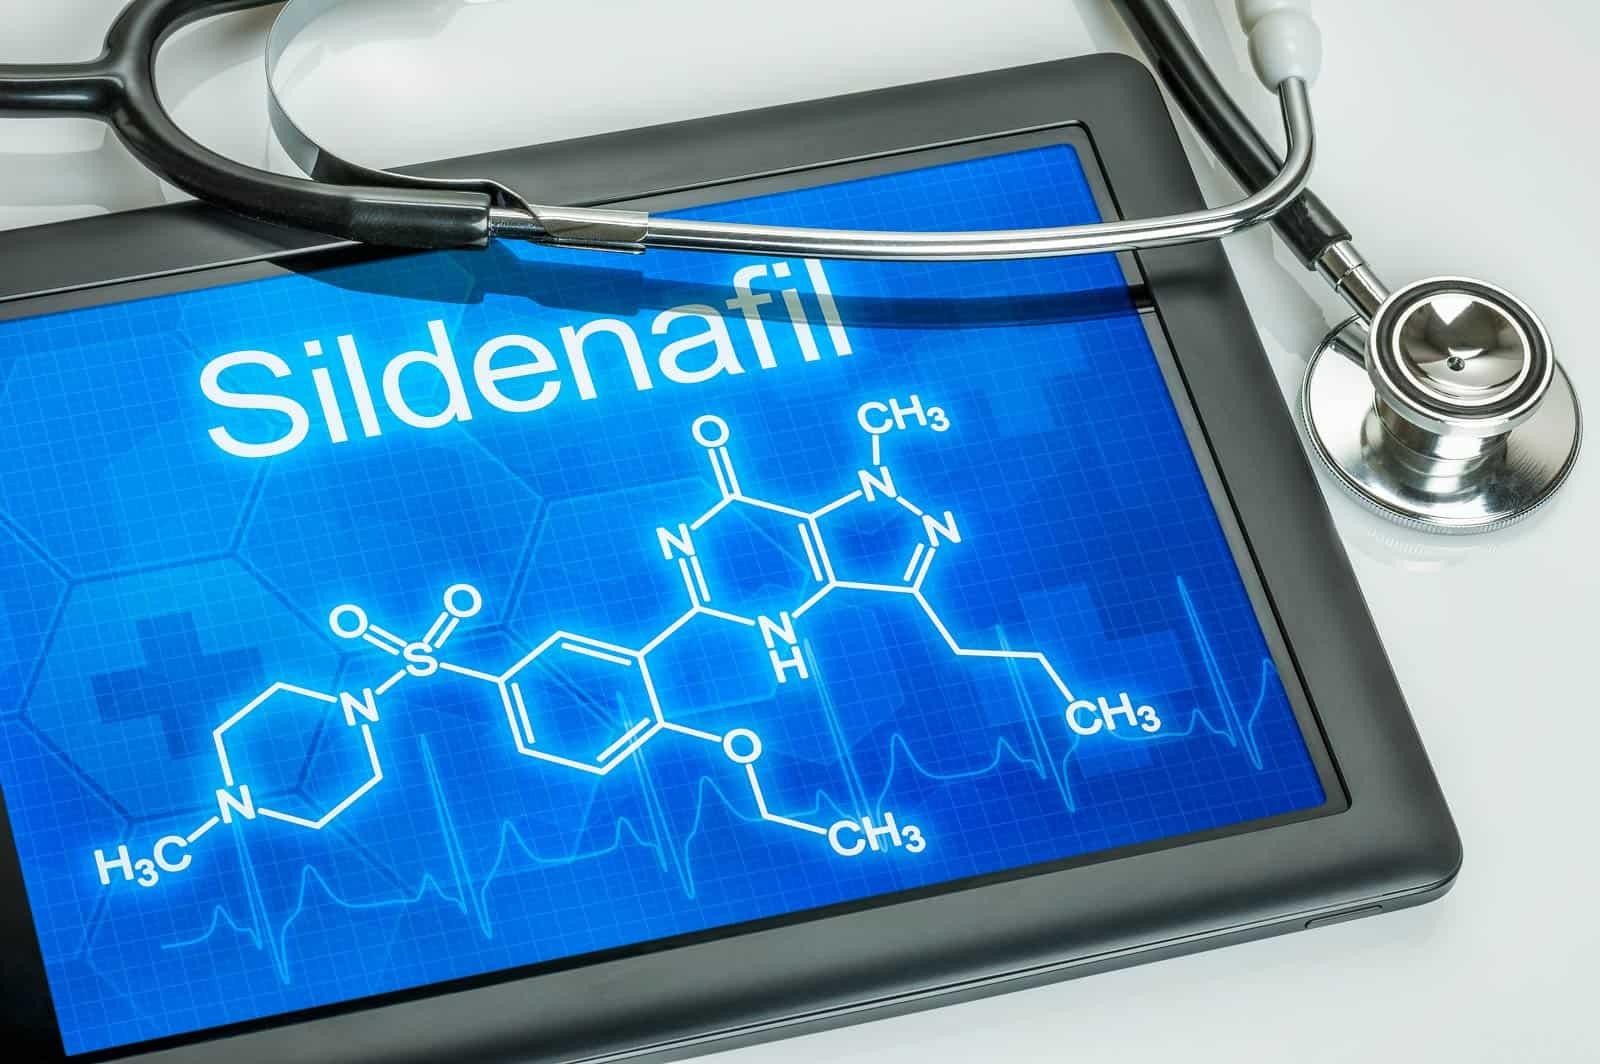 novi lijek za hipertenziju bolova s hipertenzijom glavobolju